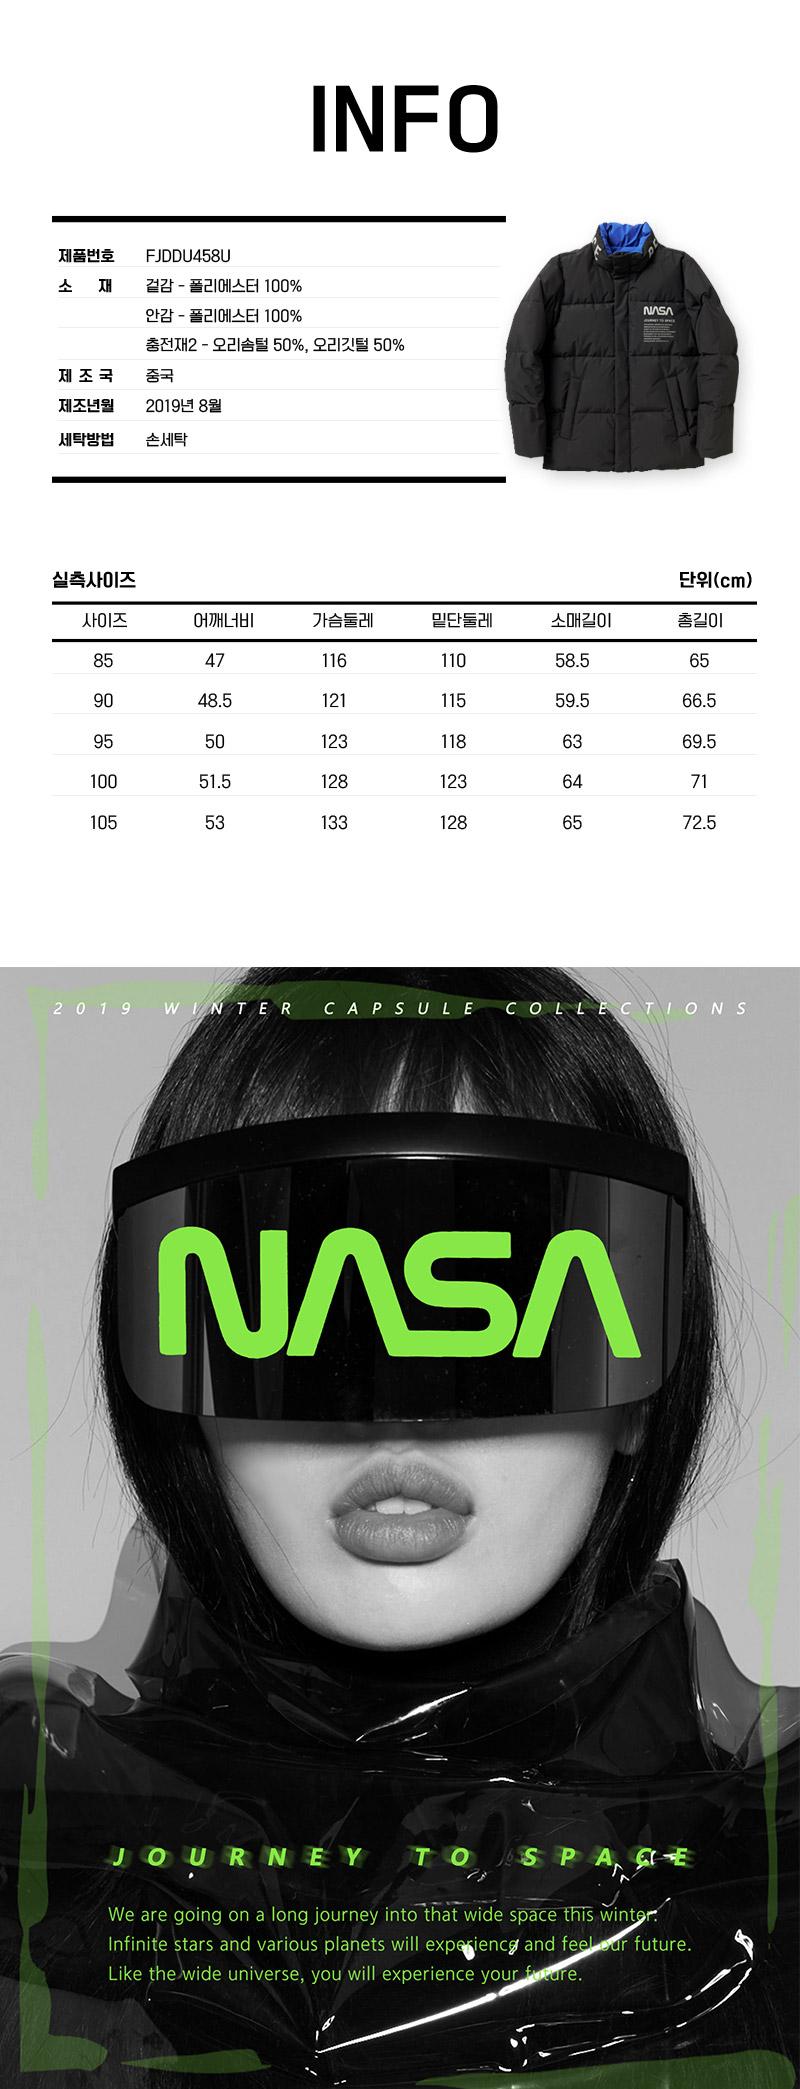 클라이드앤(CLRIDEN) NASA 로고 숏 패딩 FJDDU458U BK